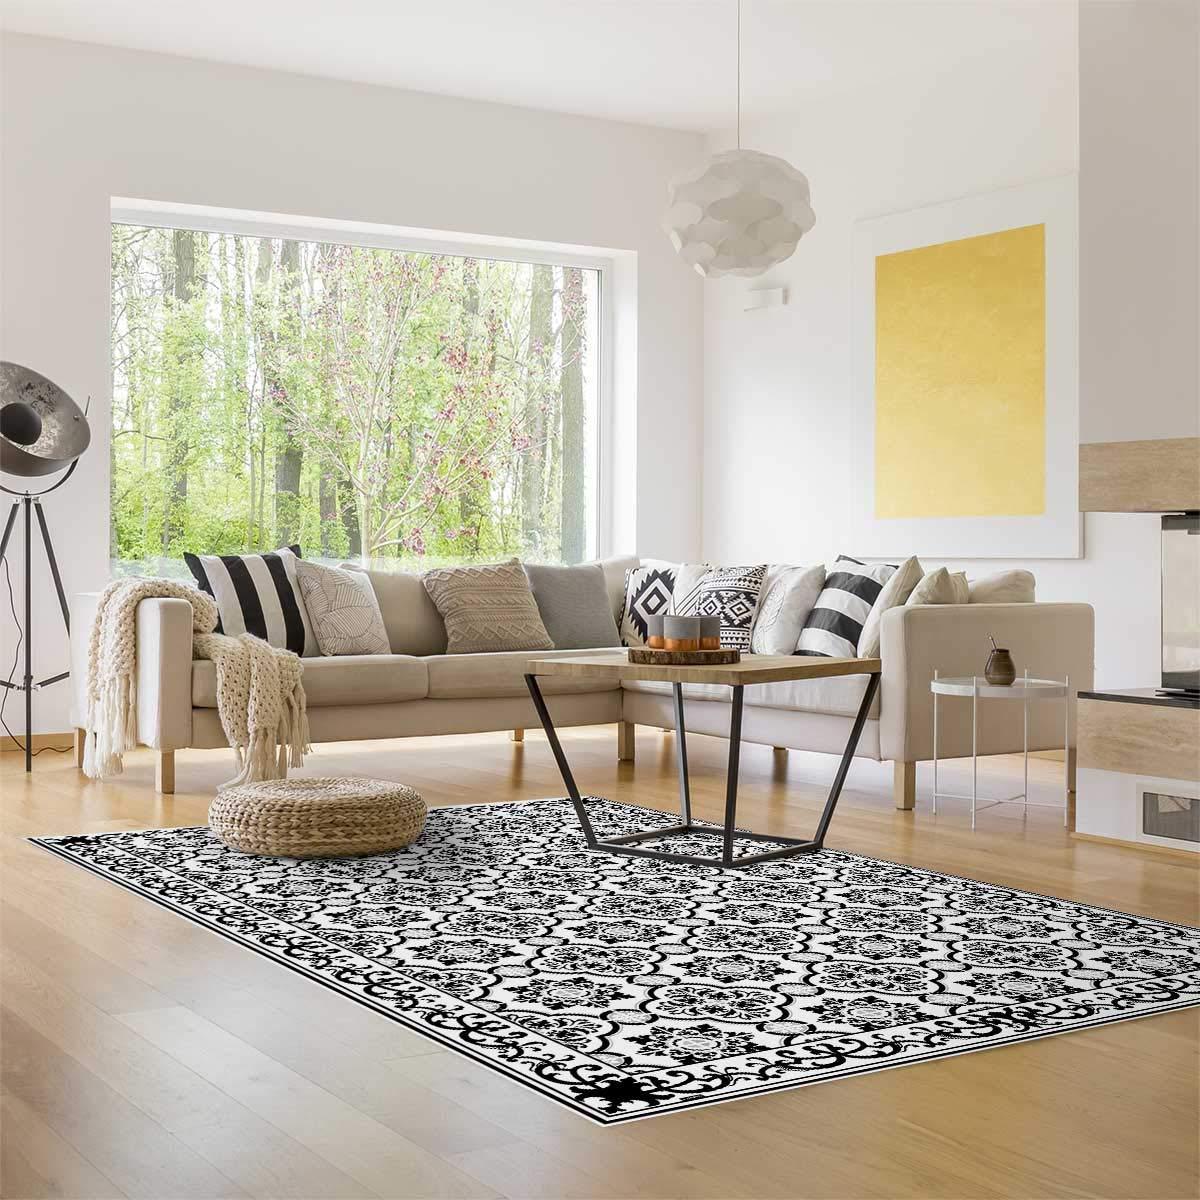 MySPOTTi - Buddy Gabriel Gabriel Gabriel Rutschfeste Bodenschutzmatte aus Vinyl Badematte Küchenläufer Wohnzimmer Deko (85 x 65 cm) fa1448